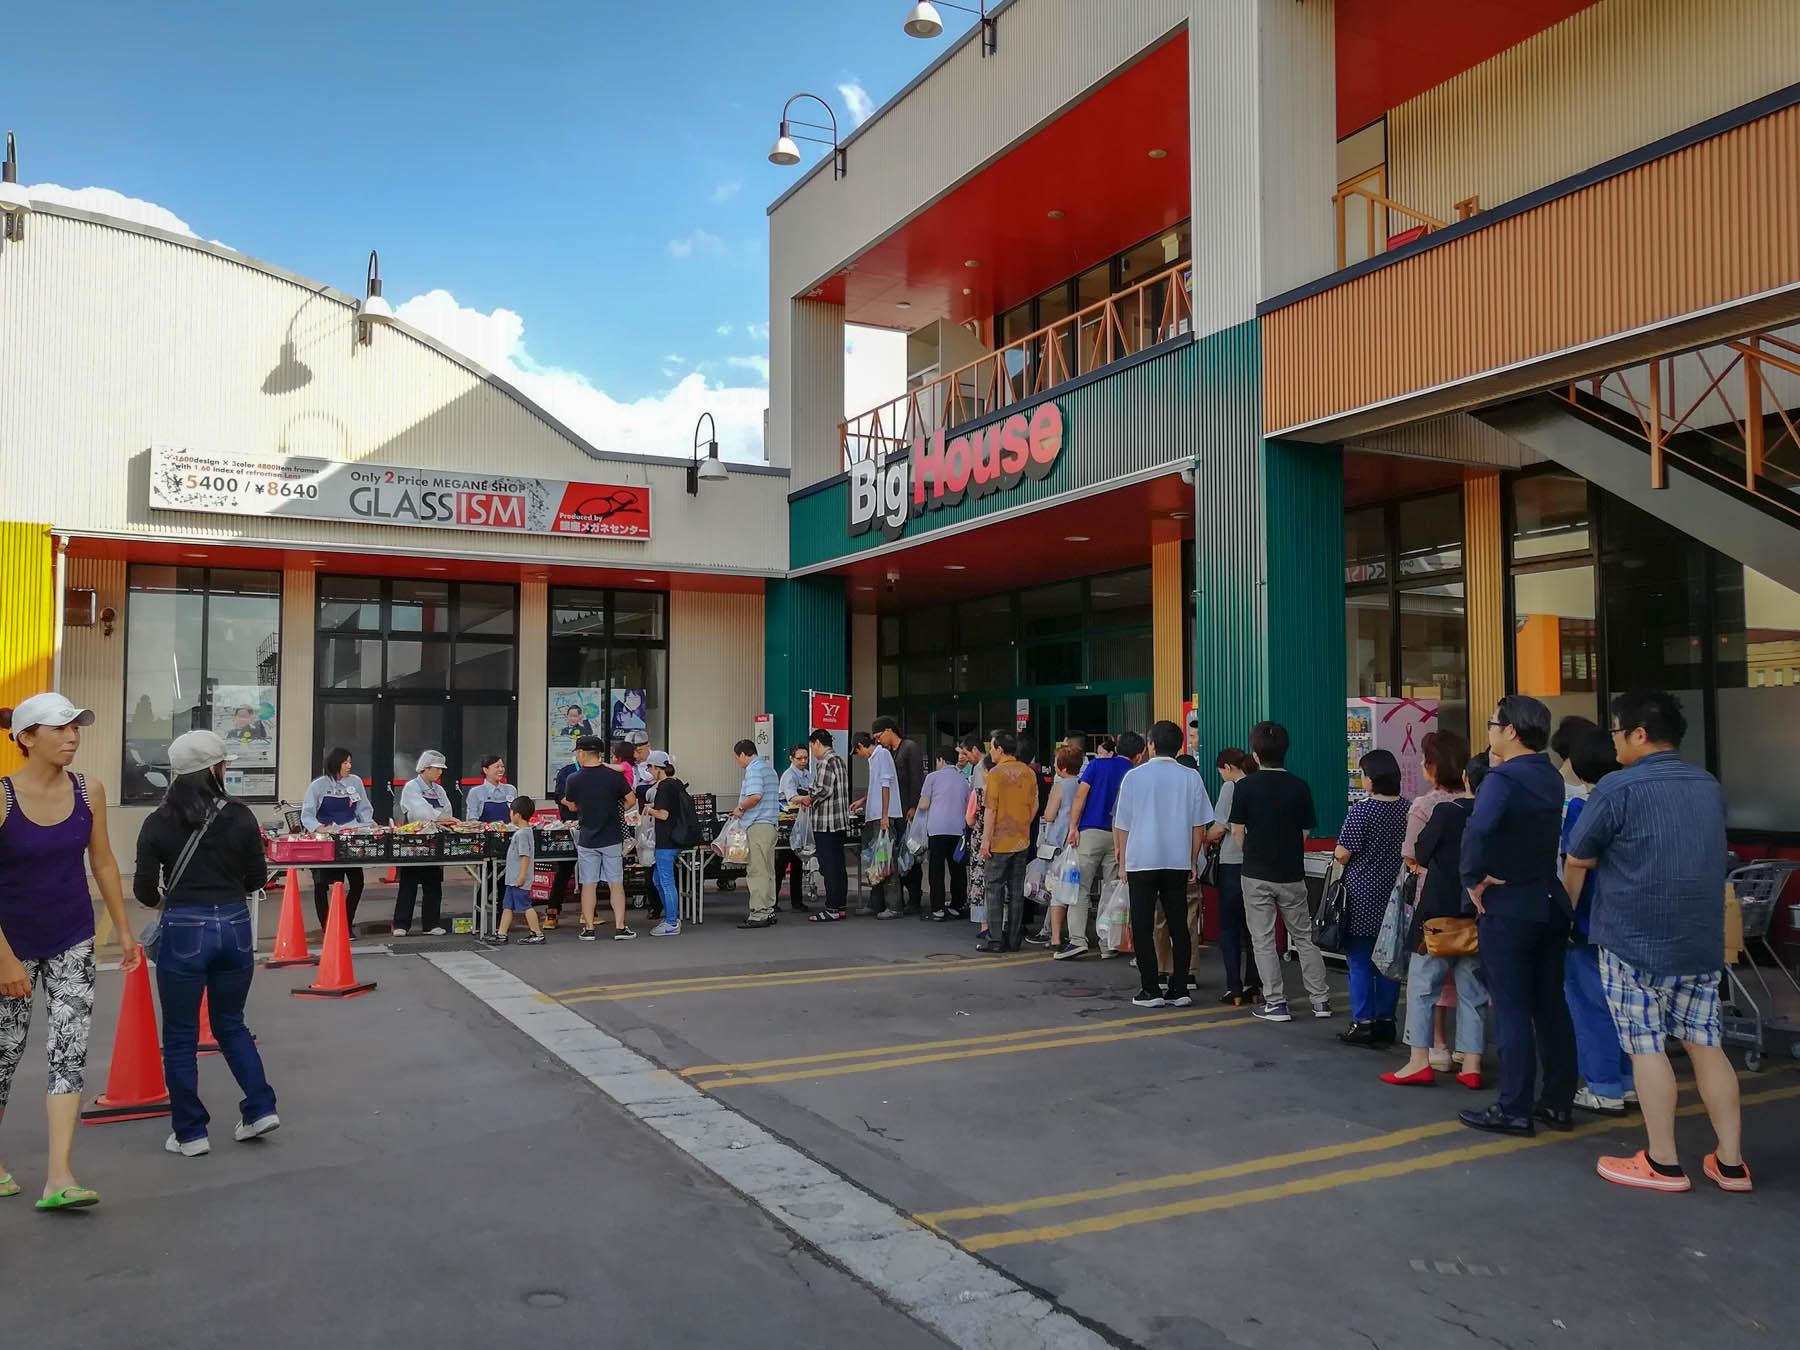 ビッグハウスの冷凍食品無料配布に並ぶ人達